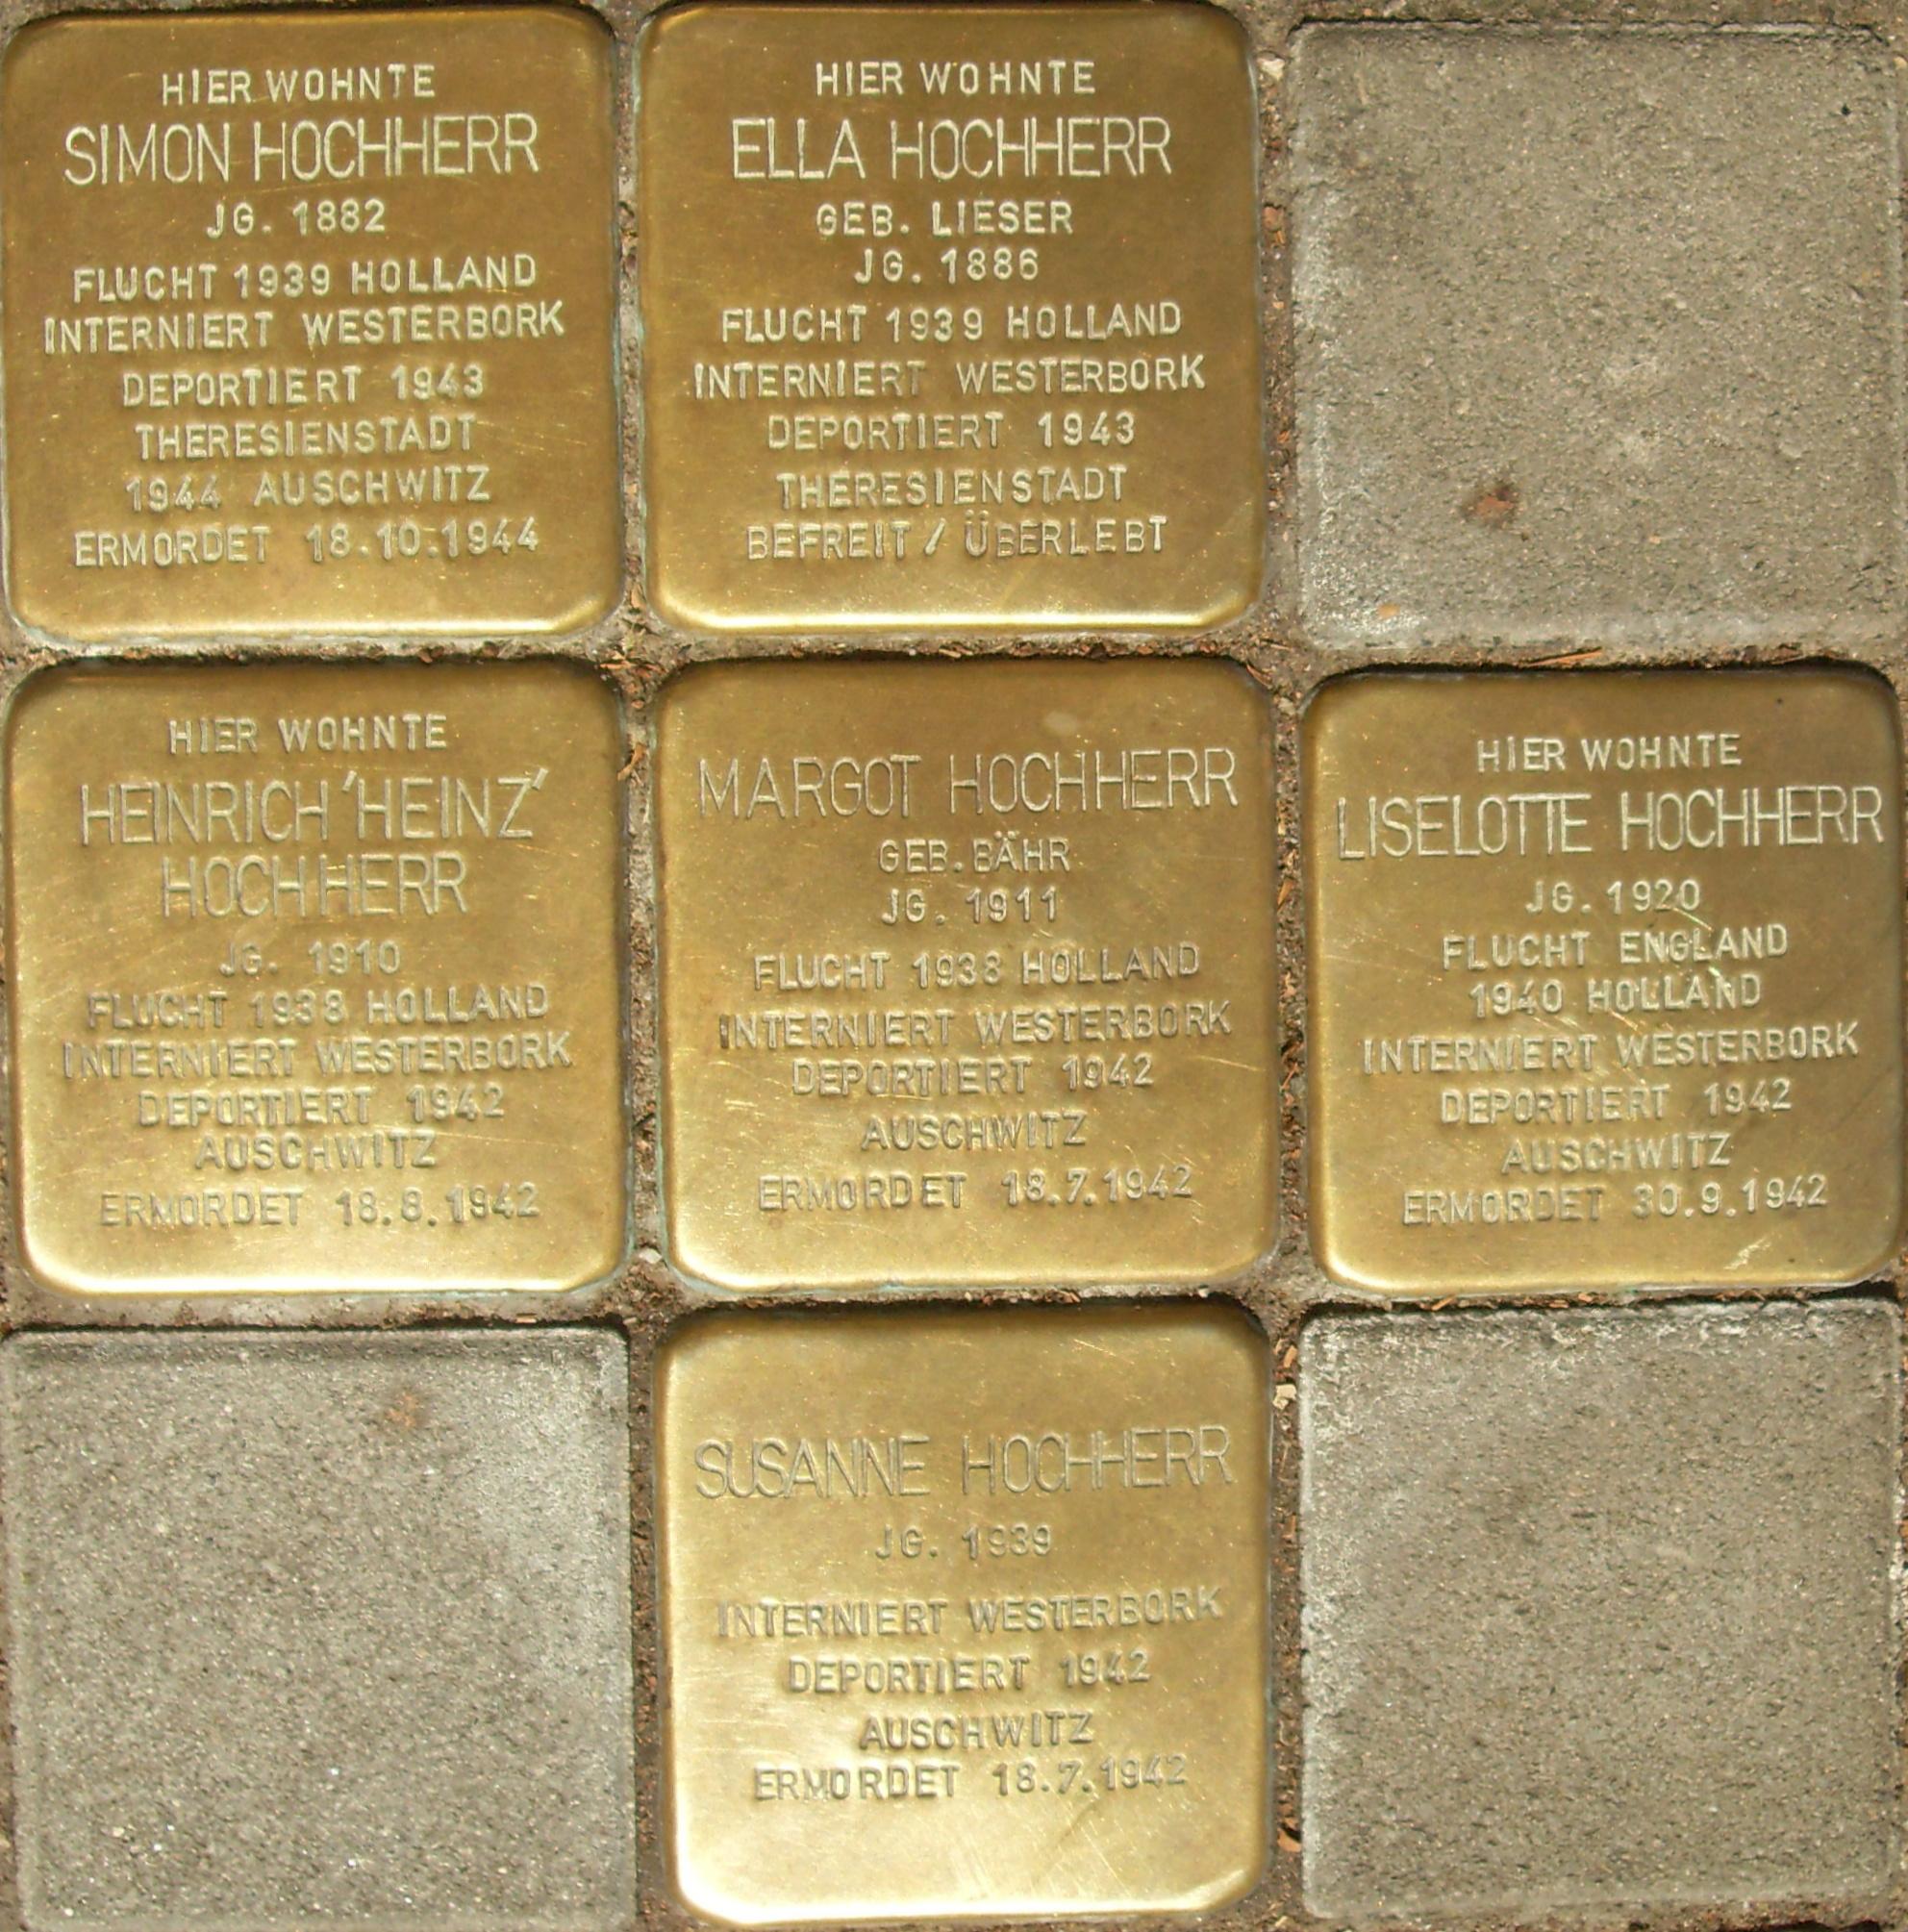 https://upload.wikimedia.org/wikipedia/commons/5/56/Heidelberg_-_Stolpersteine_Familie_Hochherr.jpg